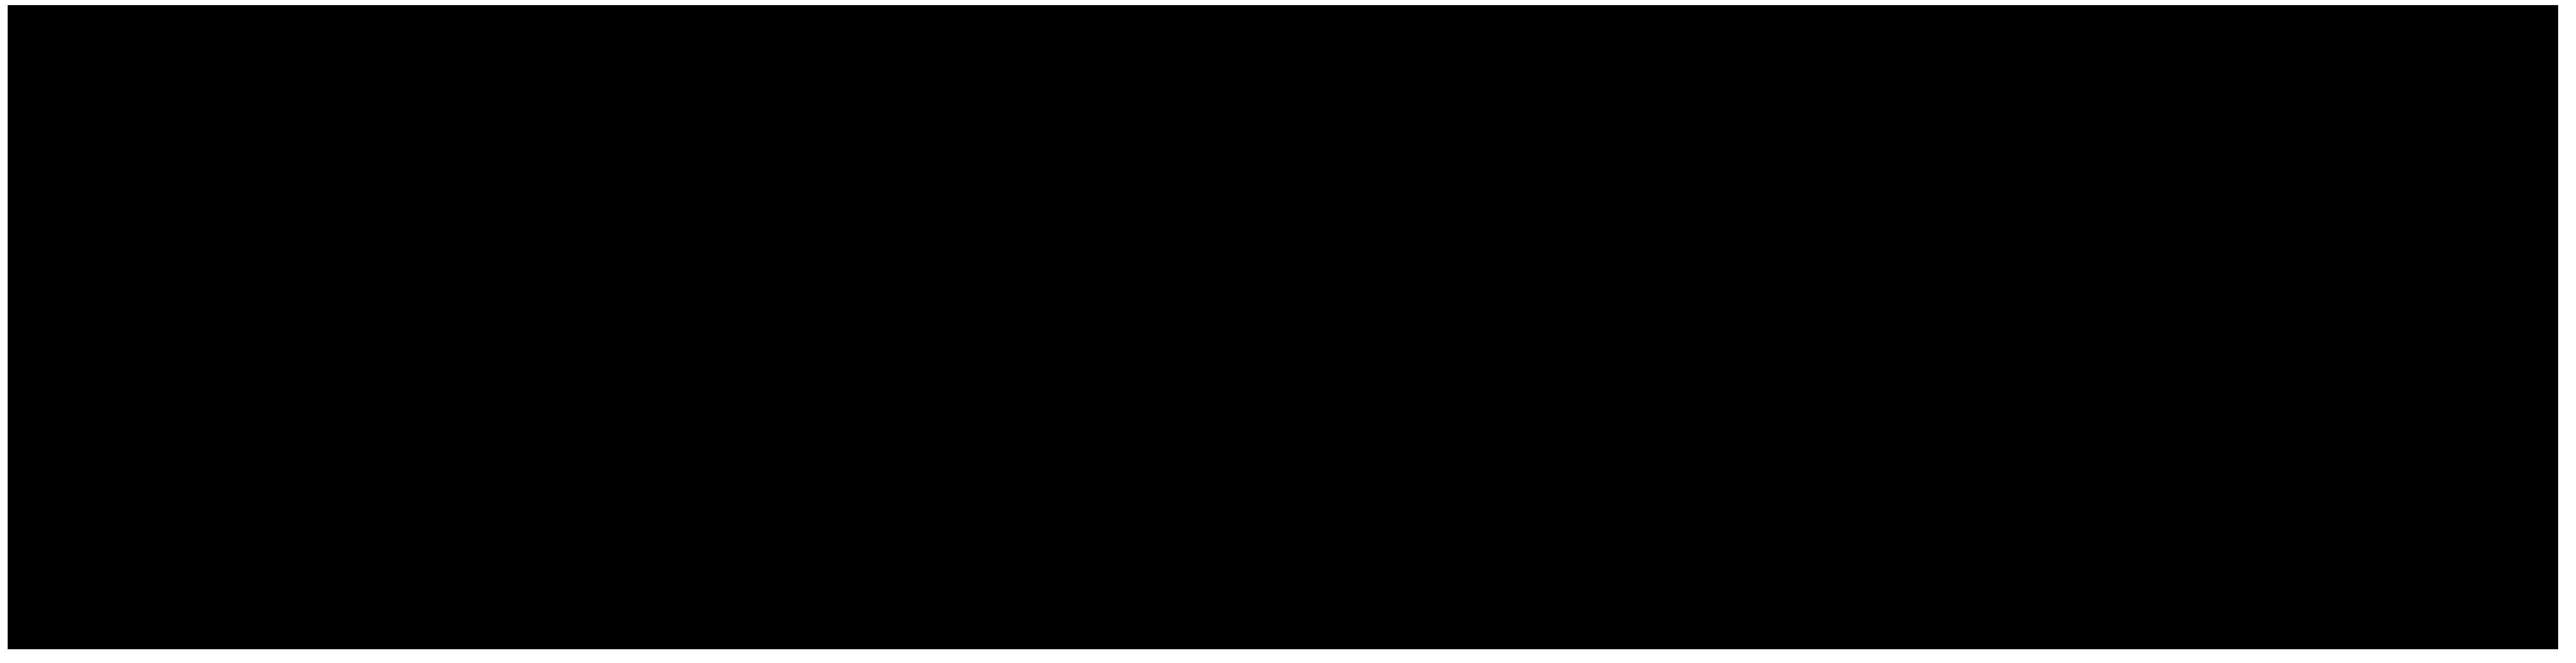 """Résultat de recherche d'images pour """"stradivarius logo"""""""